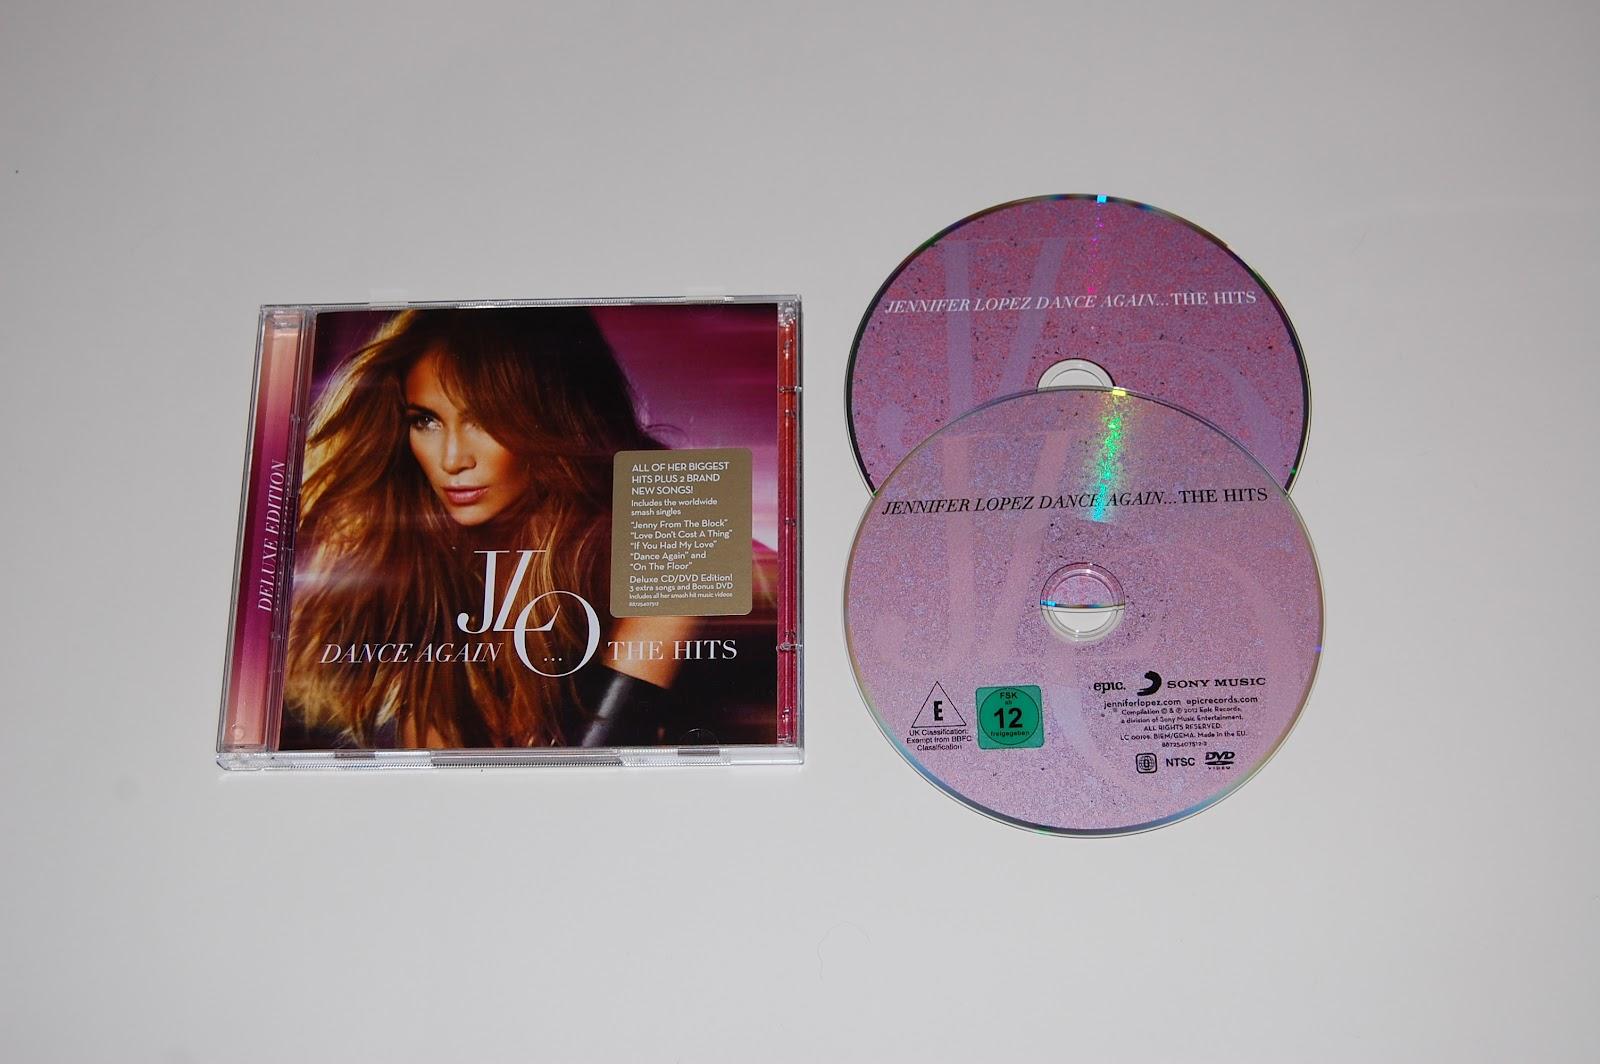 http://3.bp.blogspot.com/-FriS_ey9qR0/UBUlnb4ACWI/AAAAAAAACek/8WVNKZz4Sj4/s1600/Jennifer+Lopez+-+Dance+Again...The+Hits.JPG